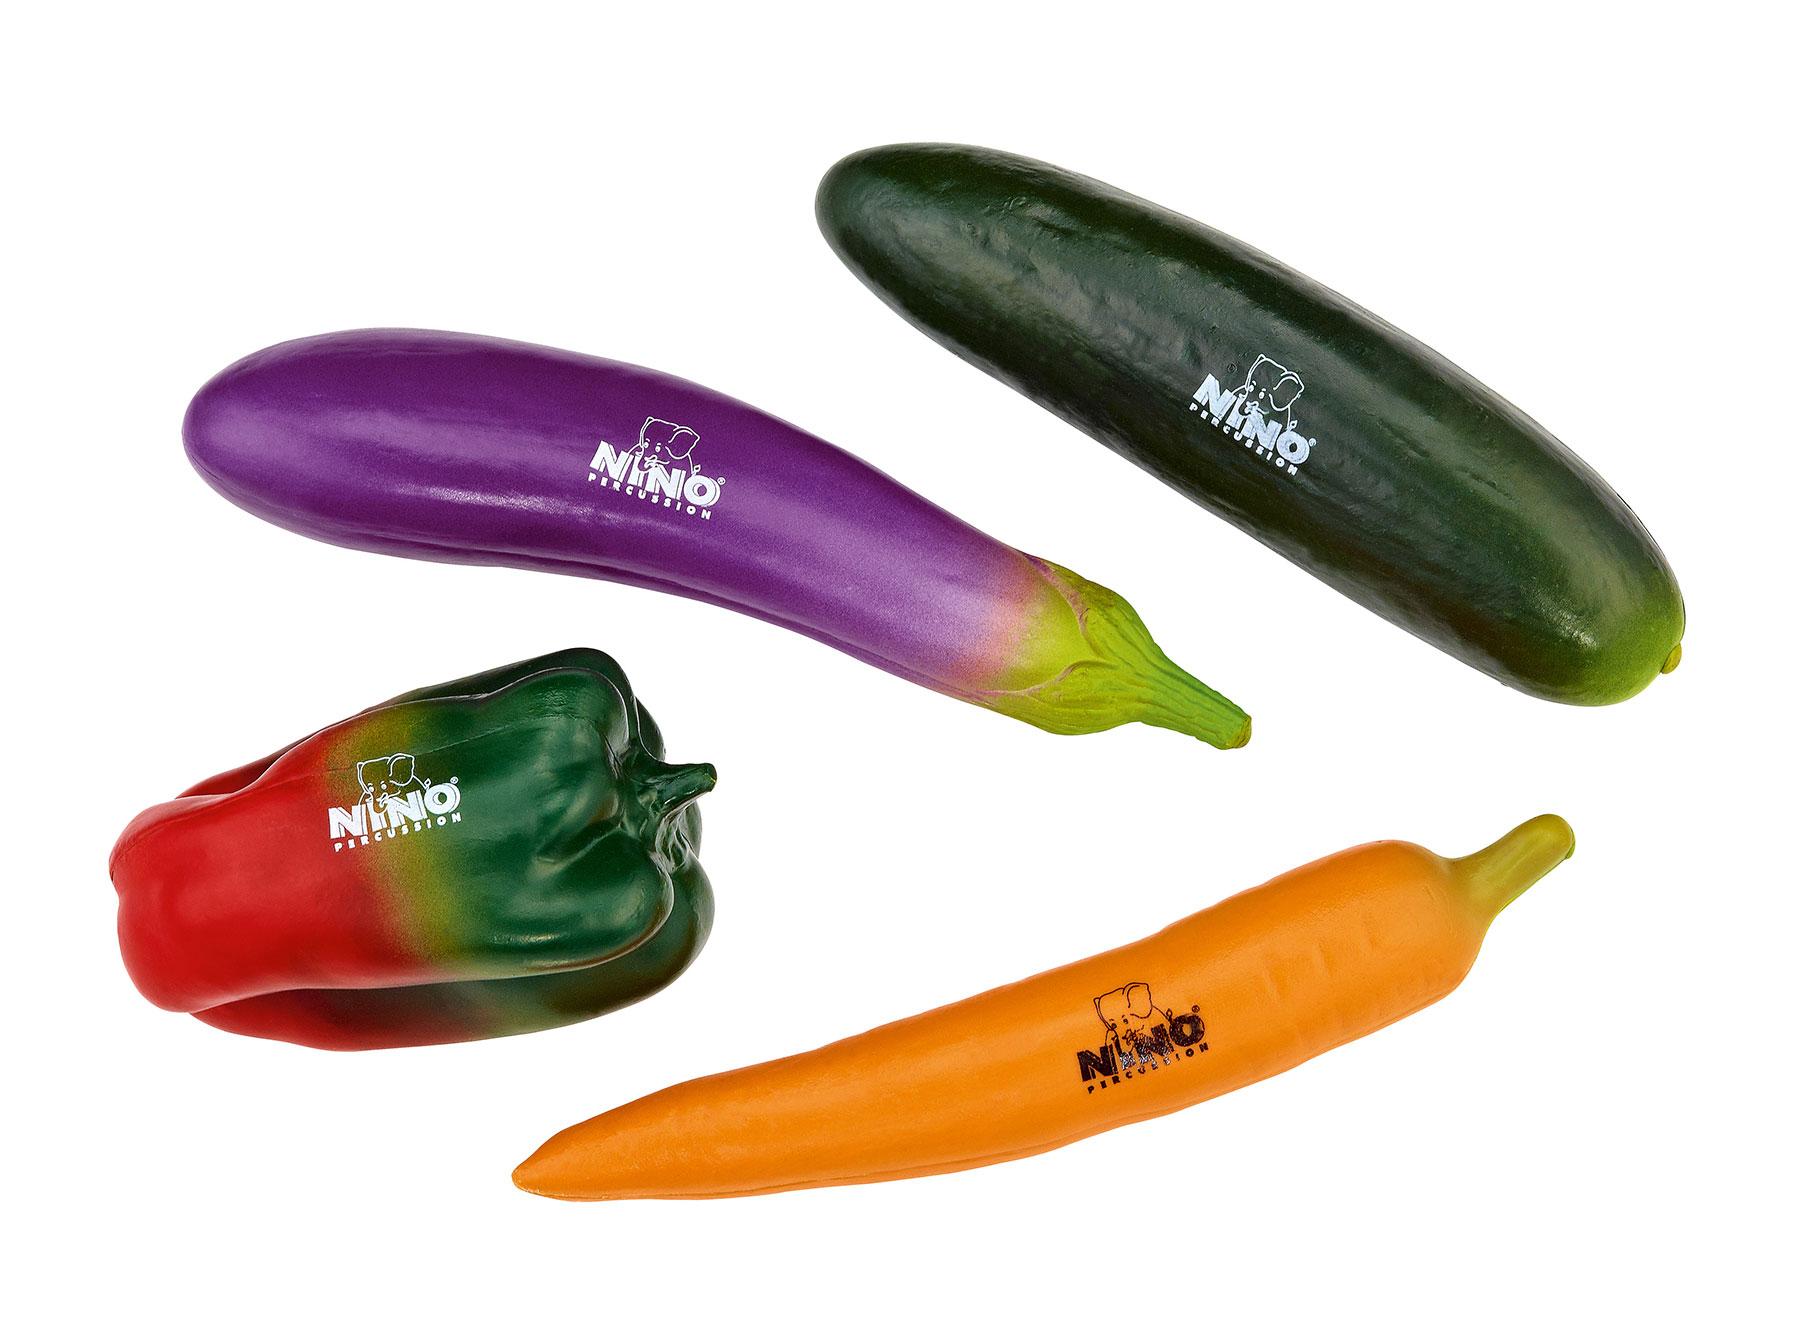 Billede af Meinl Nino rasle frugt eller grøntsag Aubergine